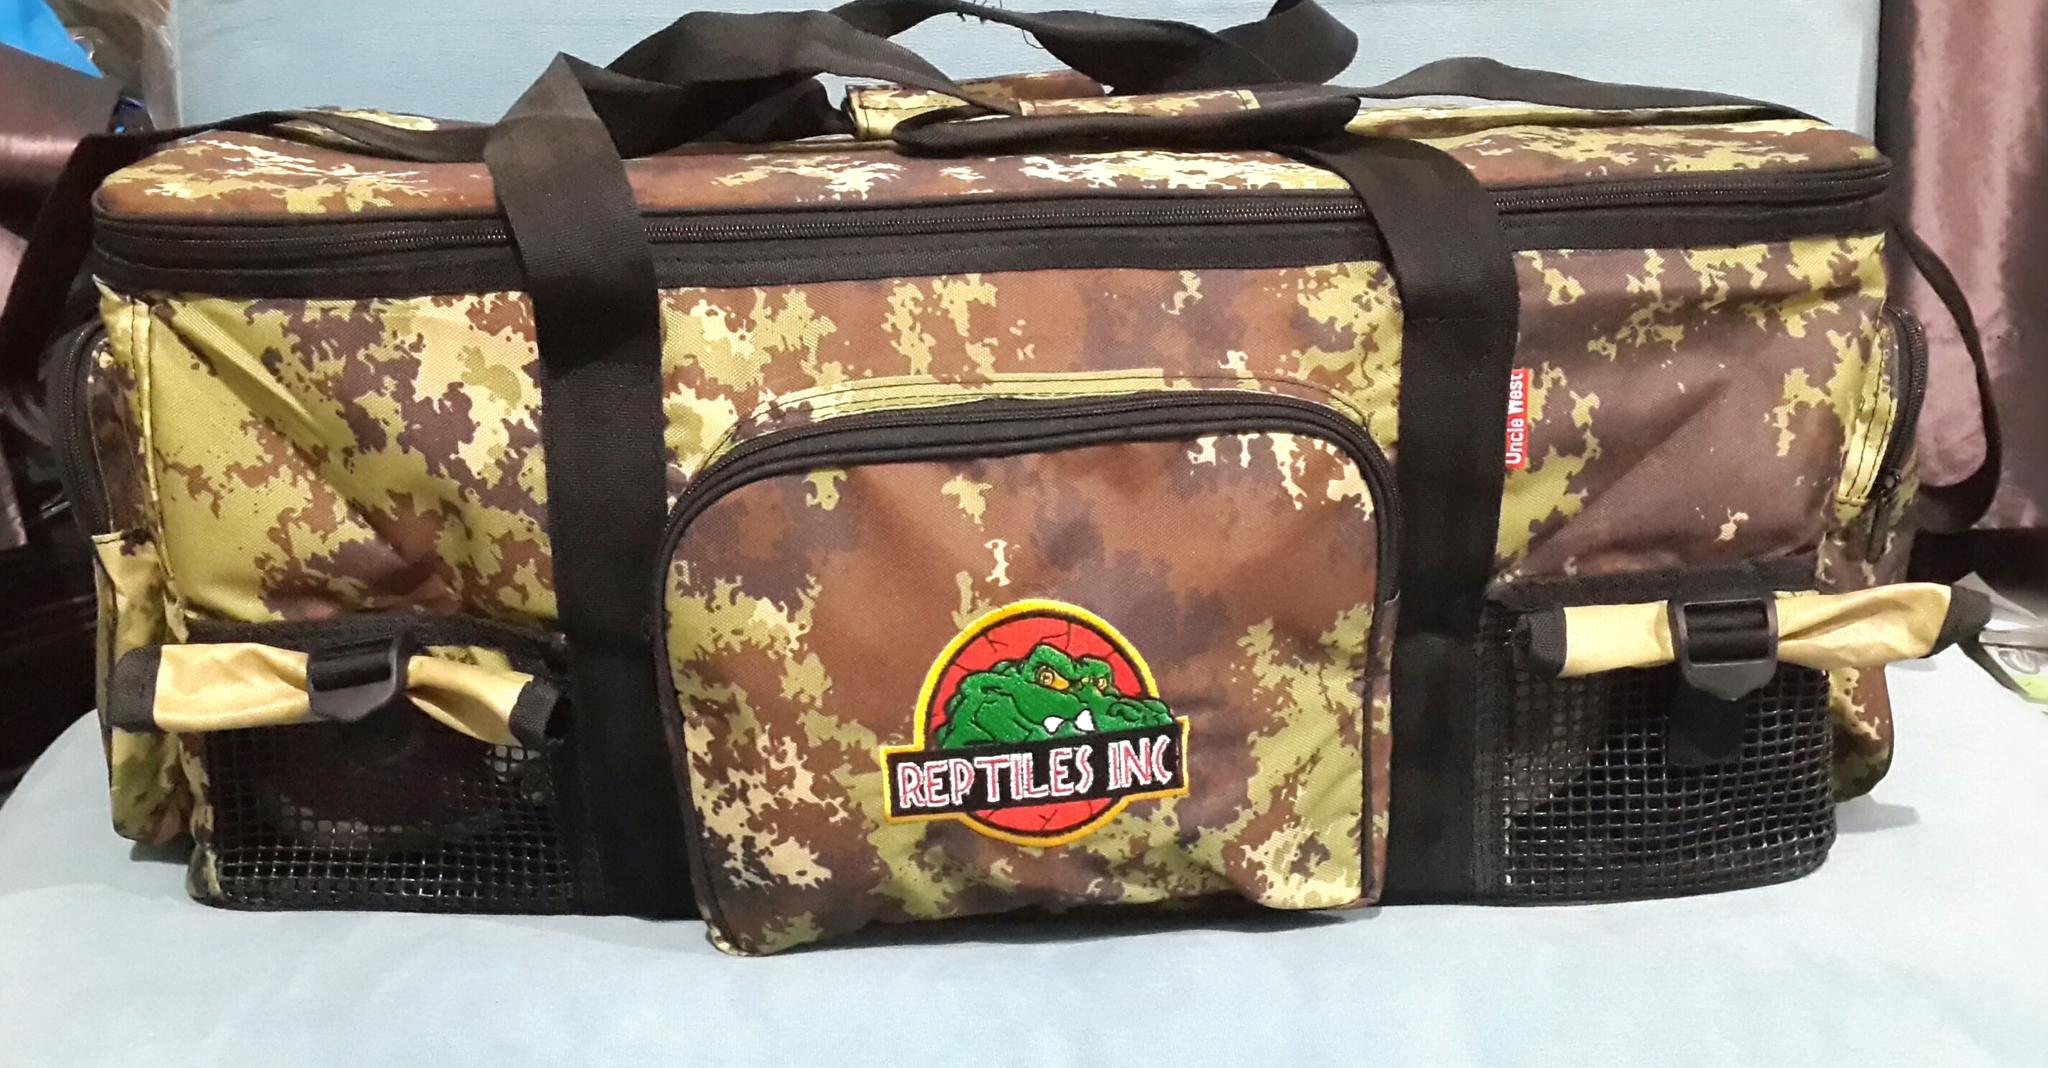 Jual Tas Reptil Large Motif Army Hijau (Model travel bag) - Reptiles ... 3f38f9e4c0